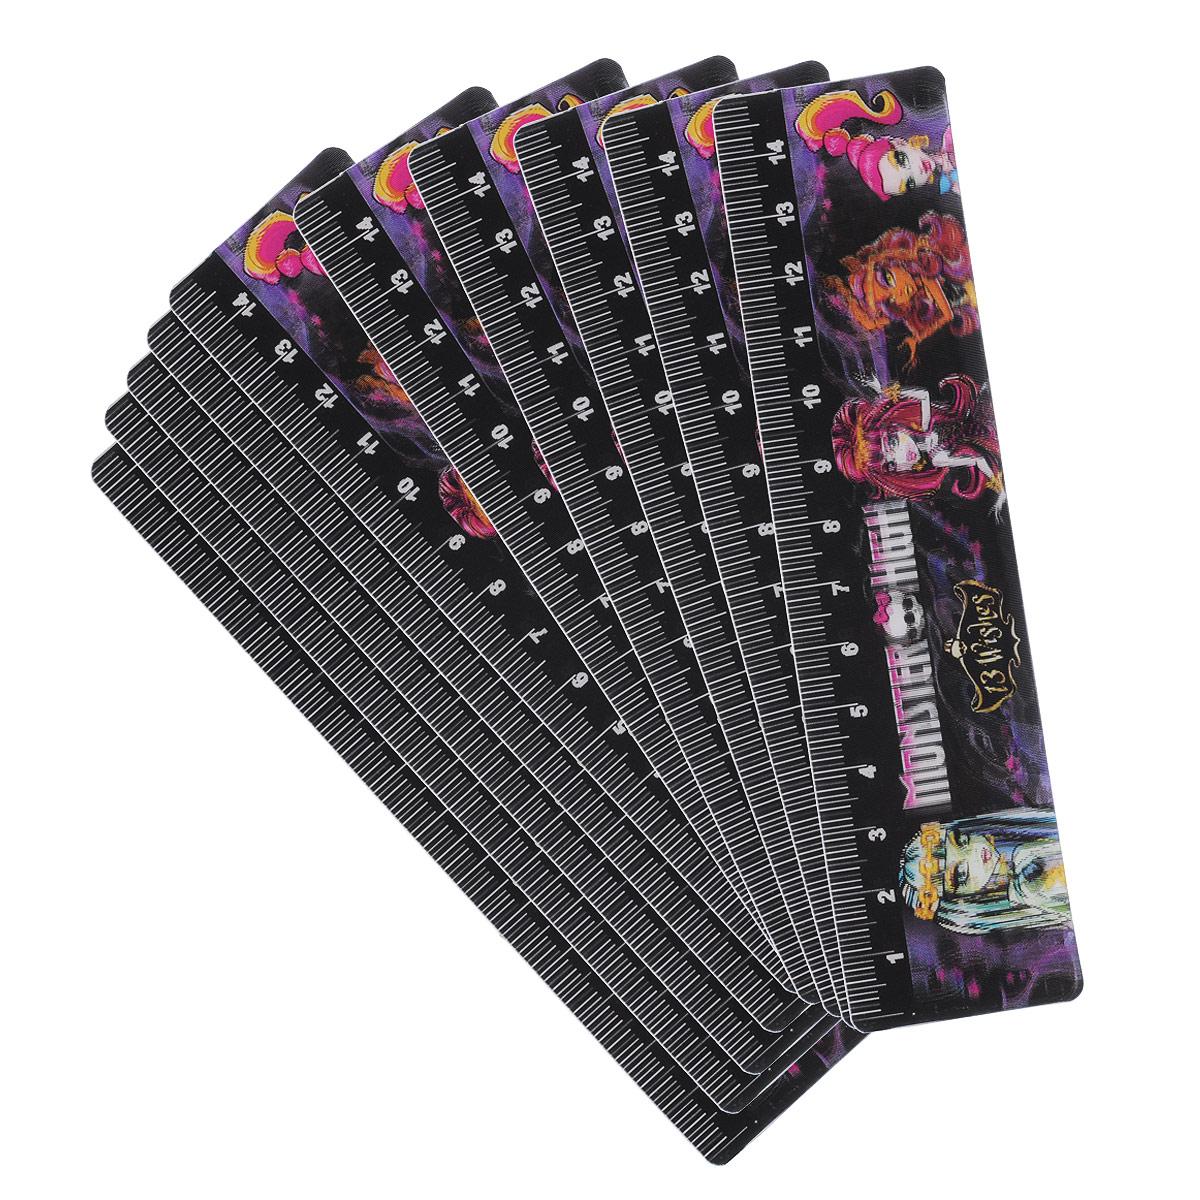 Закладка Monster High выполнена из пластика и оформлена изображениями персонажей популярного мультсериала Monster High (Школа Монстров). 3D-эффект создает впечатление, будто персонажи двигаются.На обратной стороне имеется линейка 15 см.Закладки позволяют не только выделять место остановки чтения, но и дают возможность отмечать несколько нужных страниц в книге, журнале или органайзере.  В наборе 10 закладок, упакованных в отдельные пакеты.